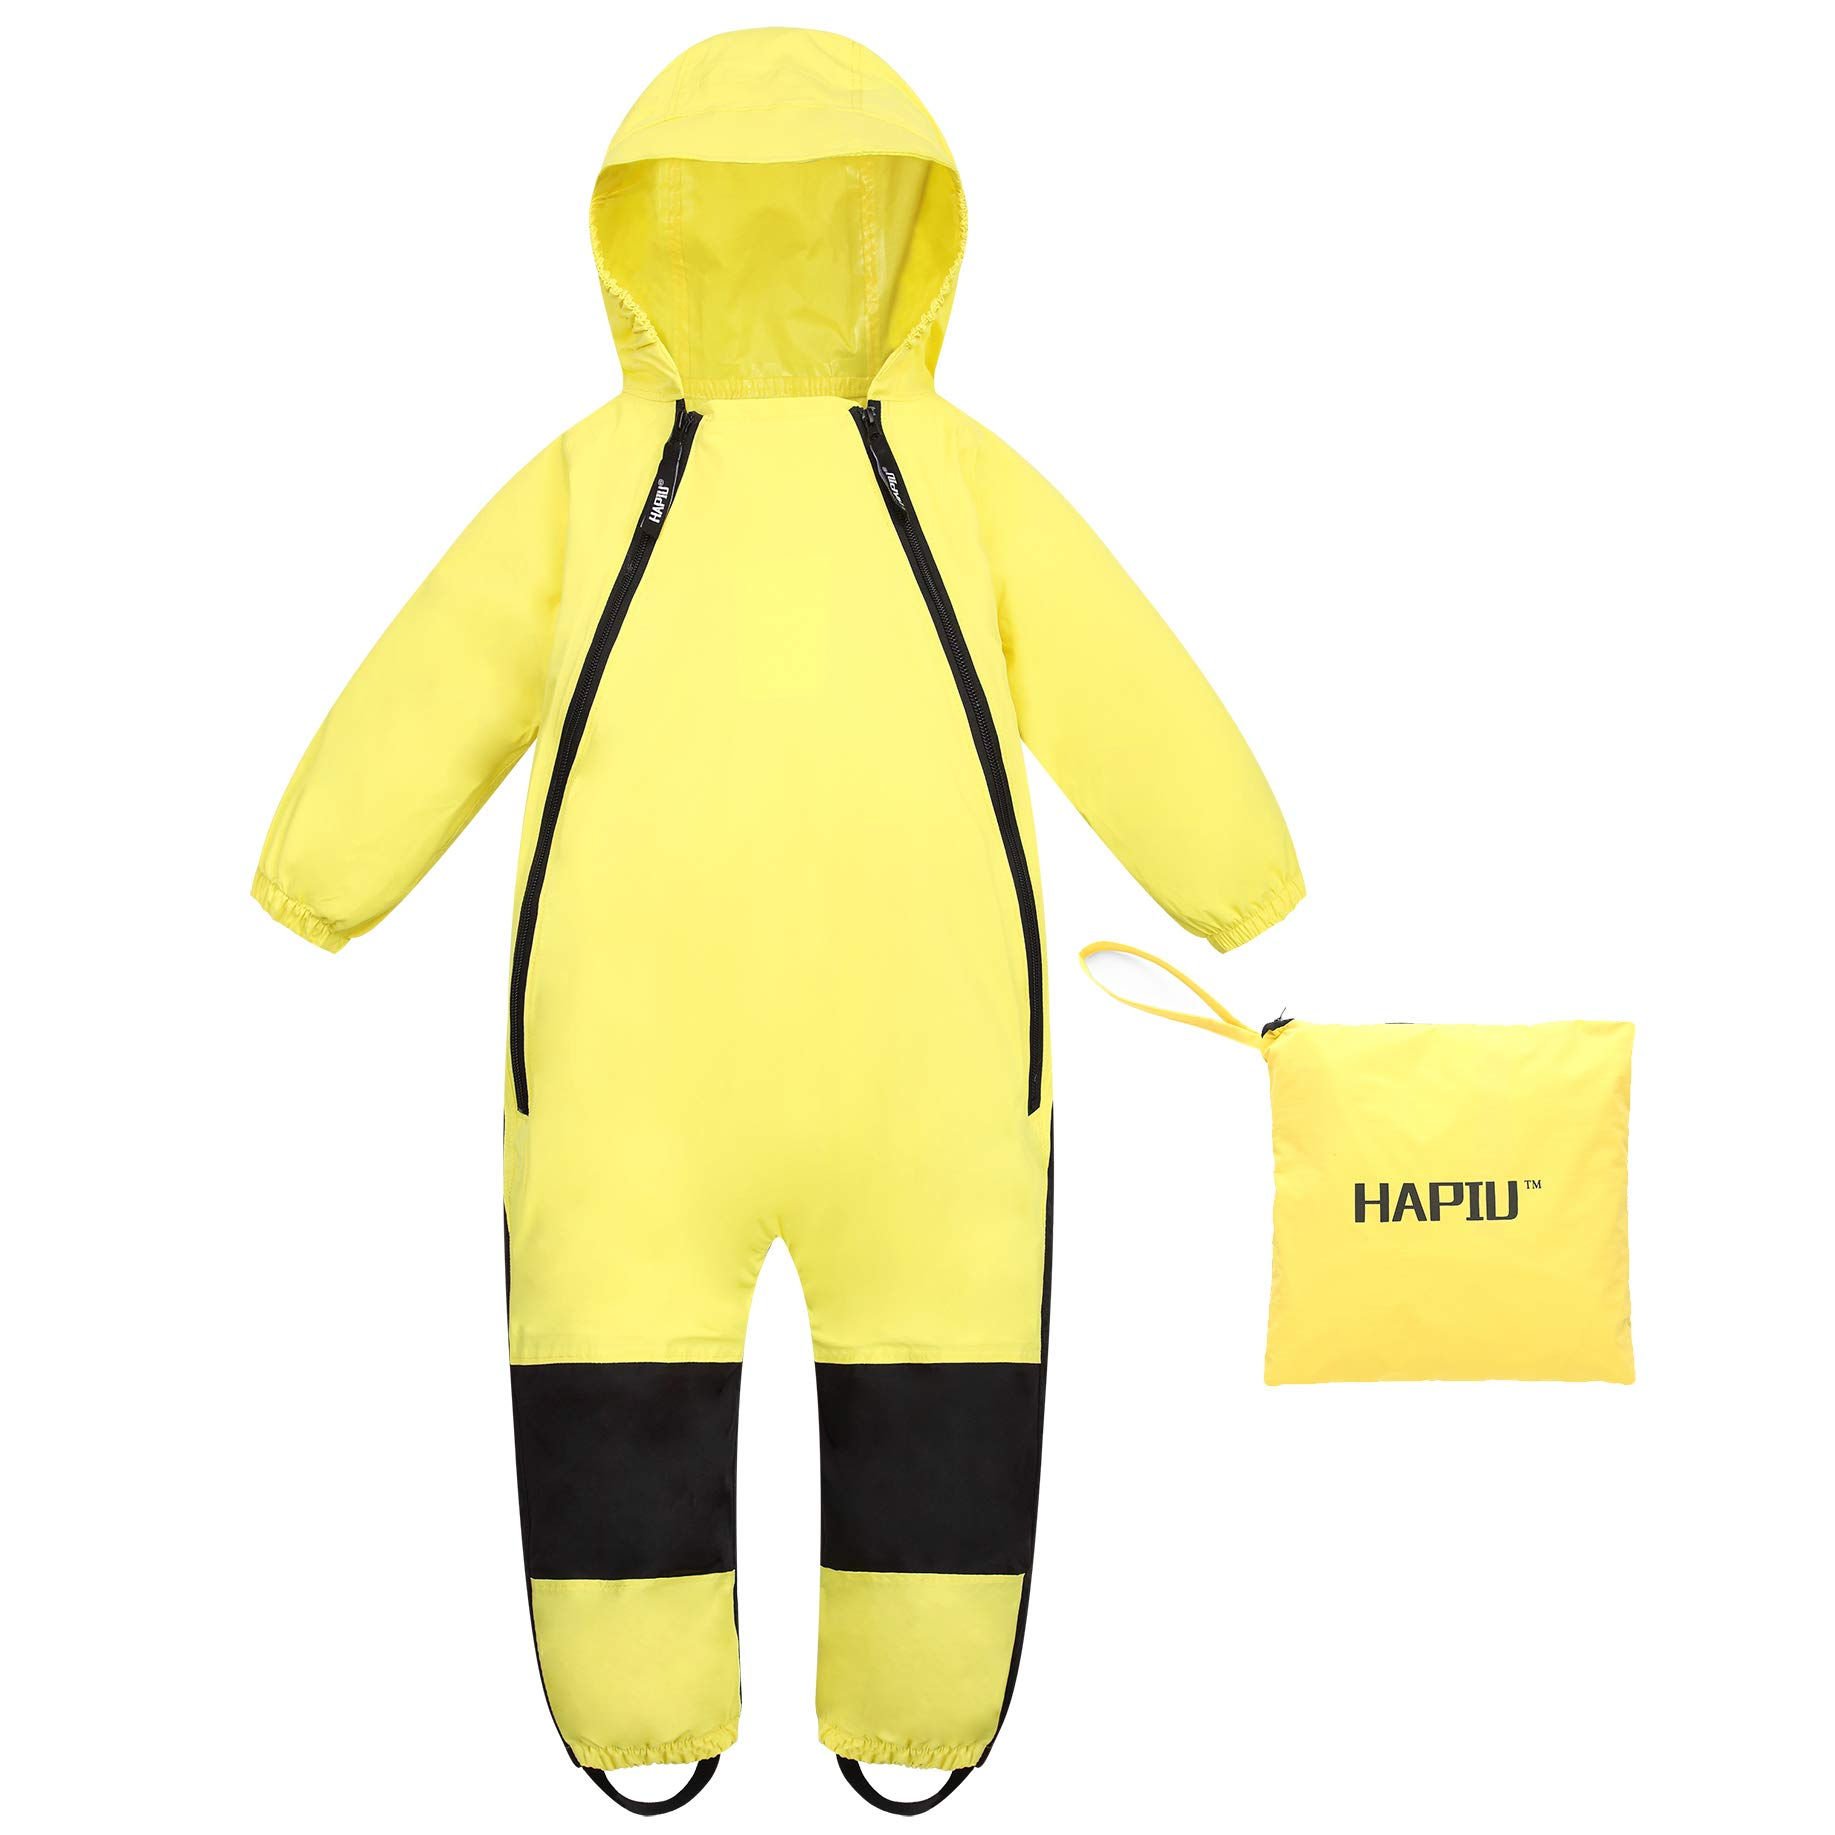 HAPIU Kids Toddler Rain Suit Muddy Buddy Waterproof Coverall,Yellow,3T,Original by HAPIU